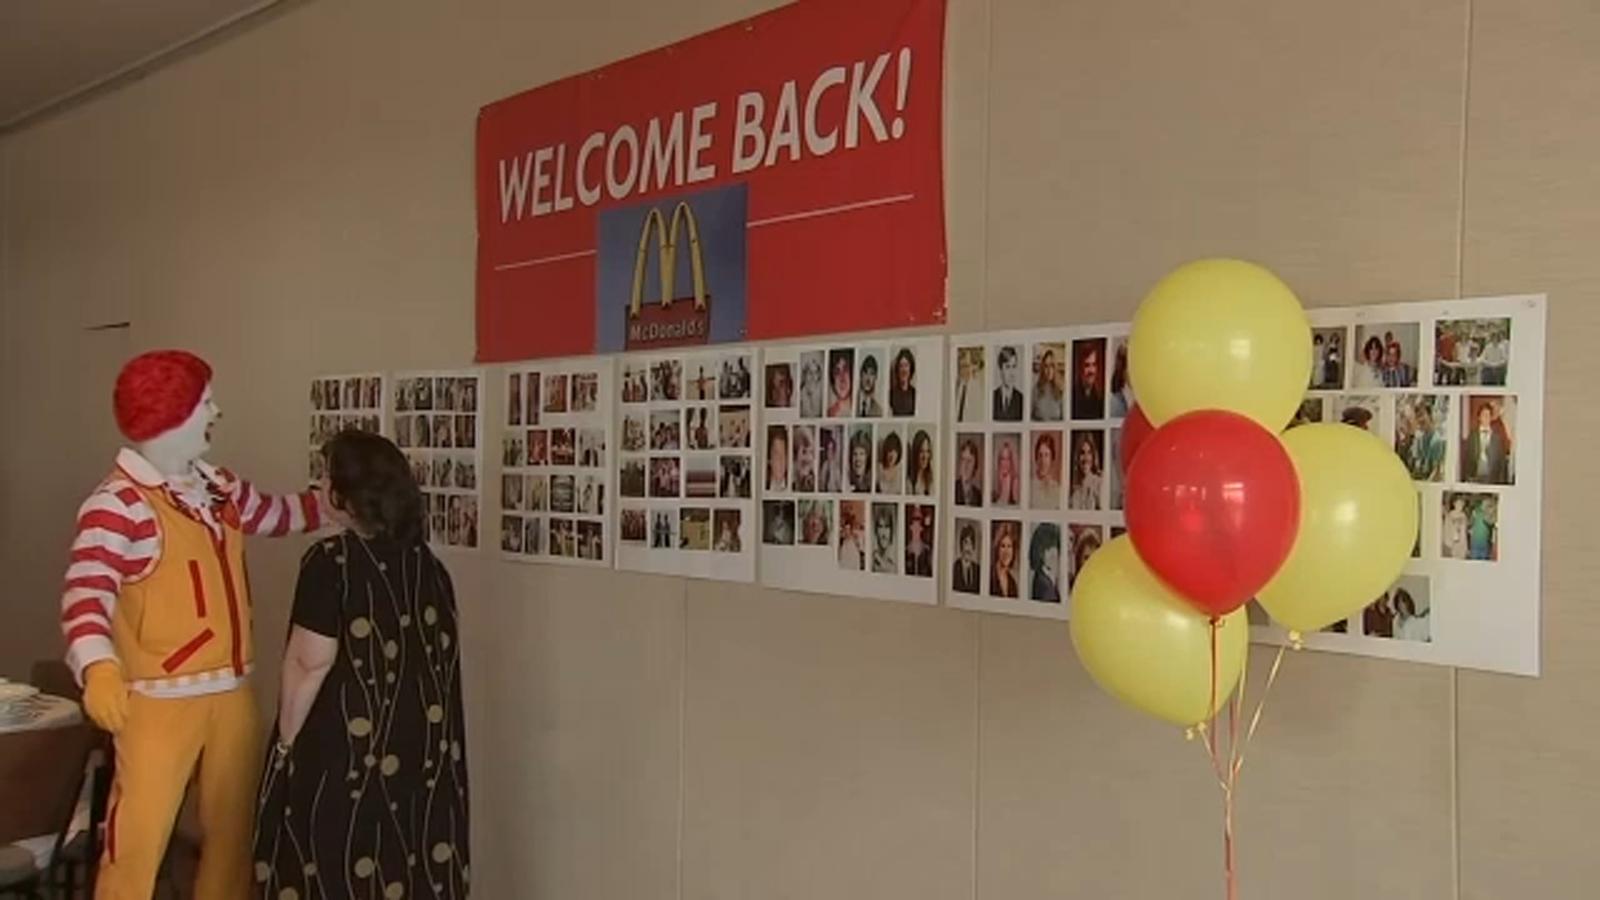 McDonald's crew reunites after 4 decades apart